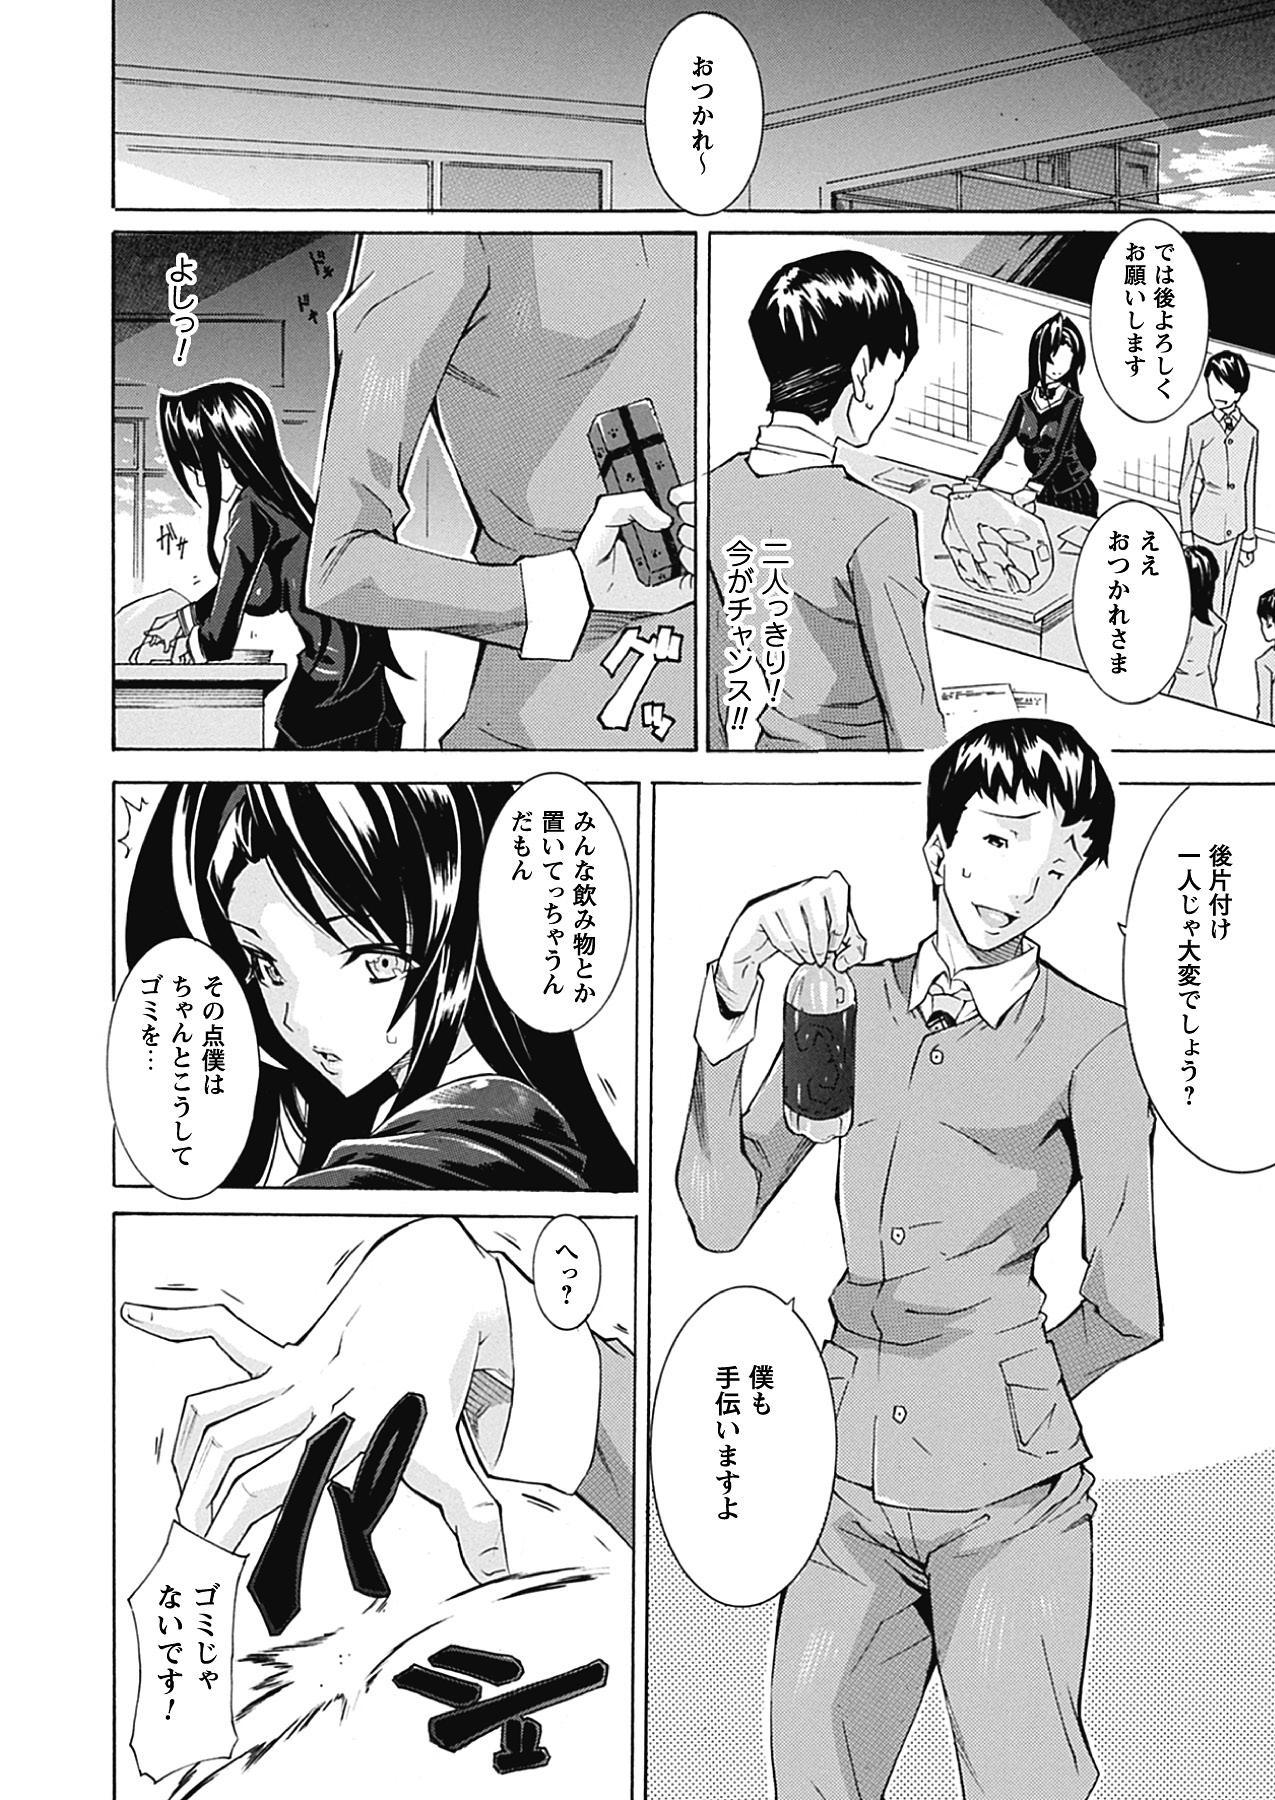 Seiin Shoujo 137